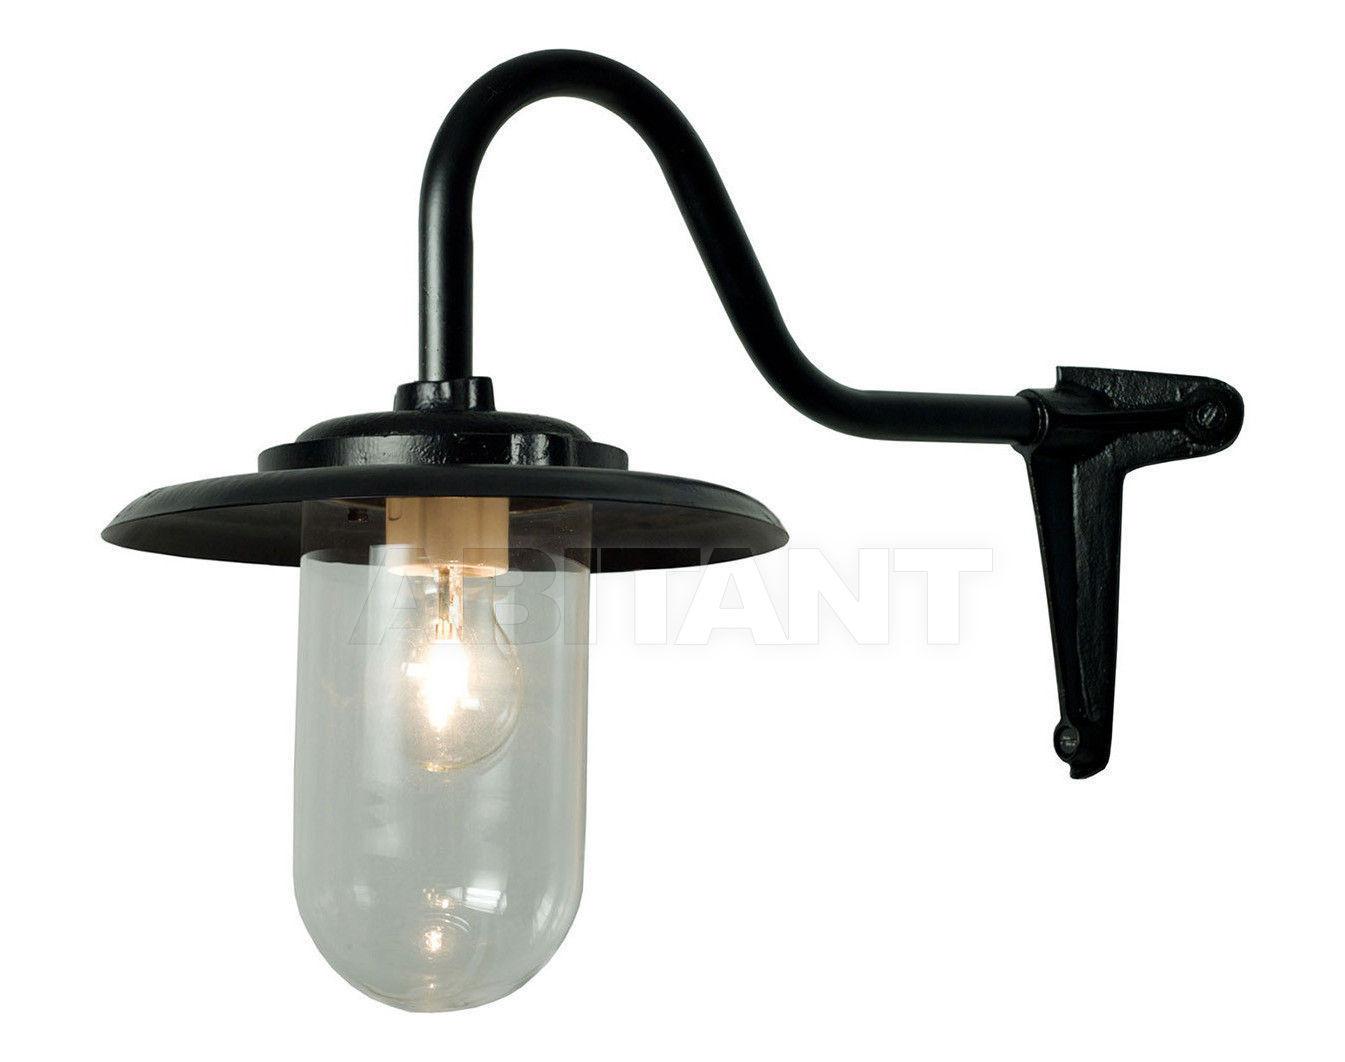 Купить Фонарь Davey Lighting Wall Mounted Lights 7677/BL/100C/SC